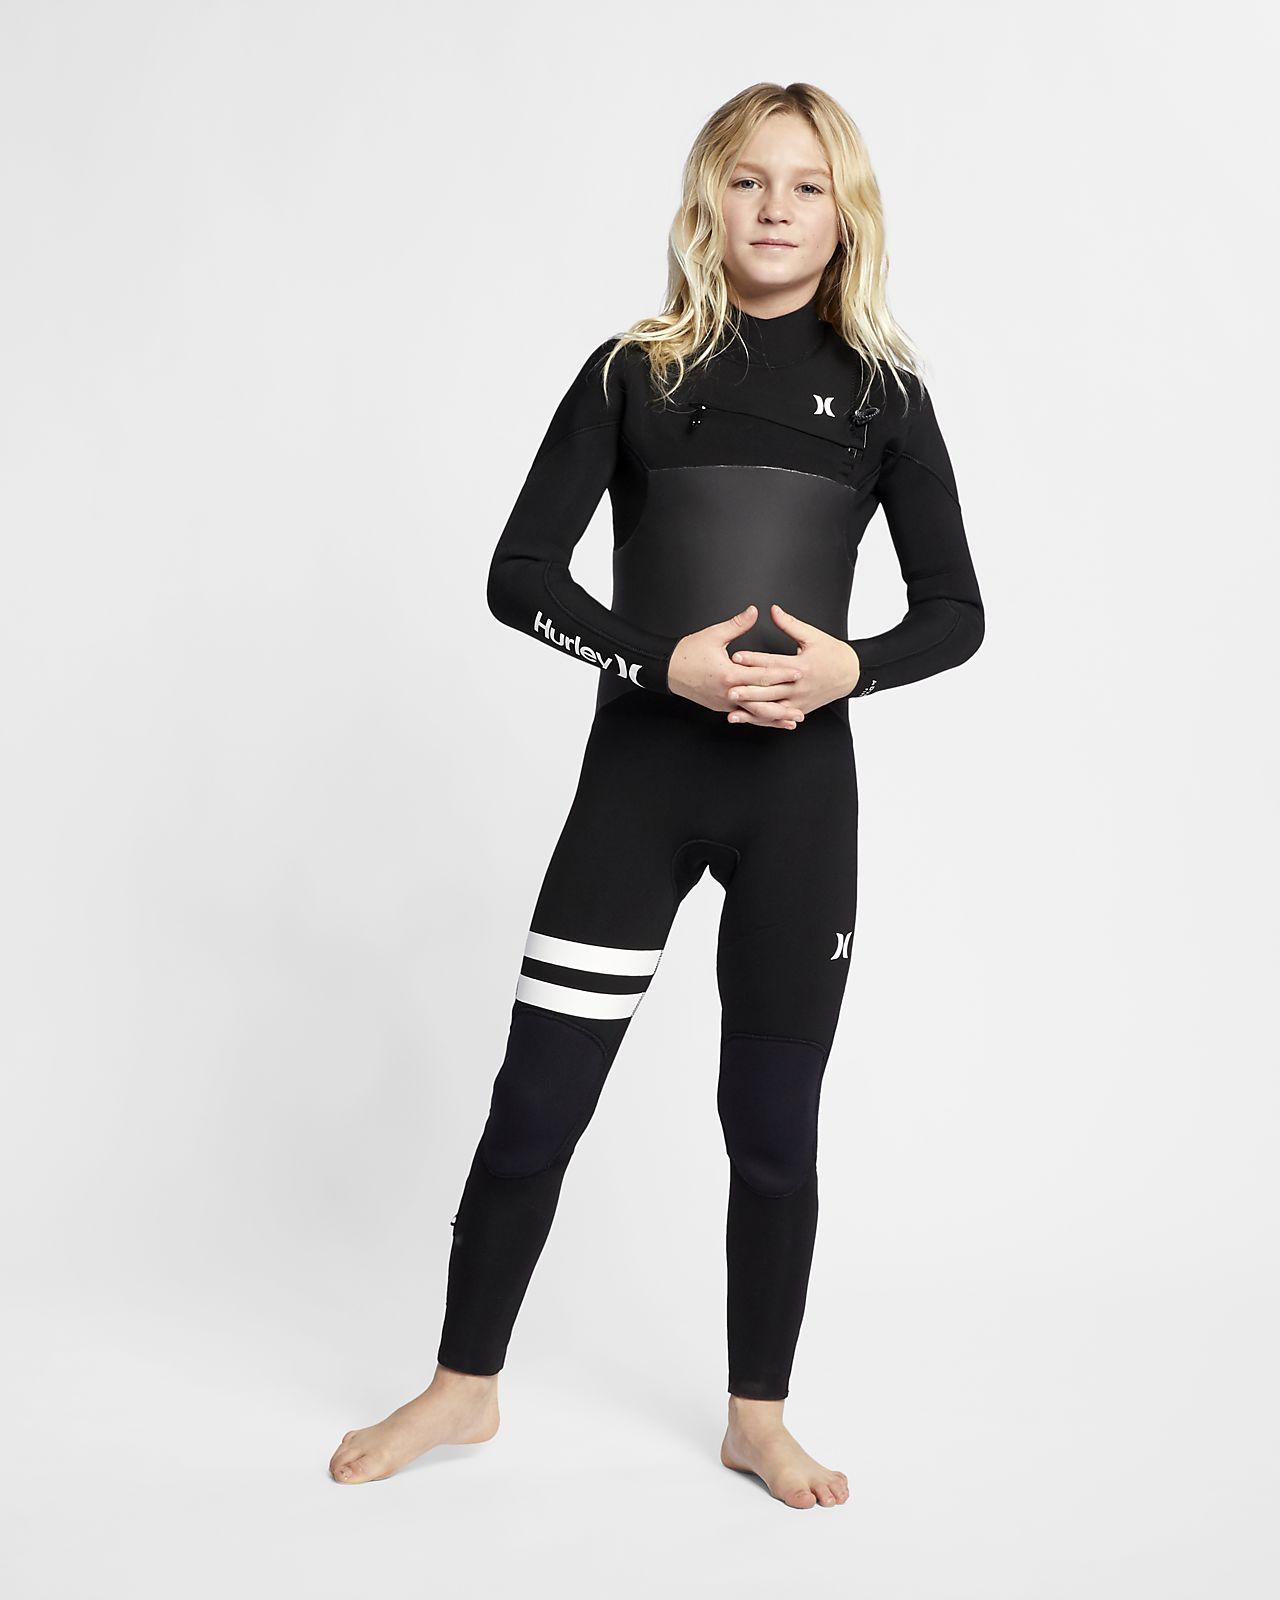 Hurley Advantage Plus 5/3mm Fullsuit-våddragt til store børn (drenge)